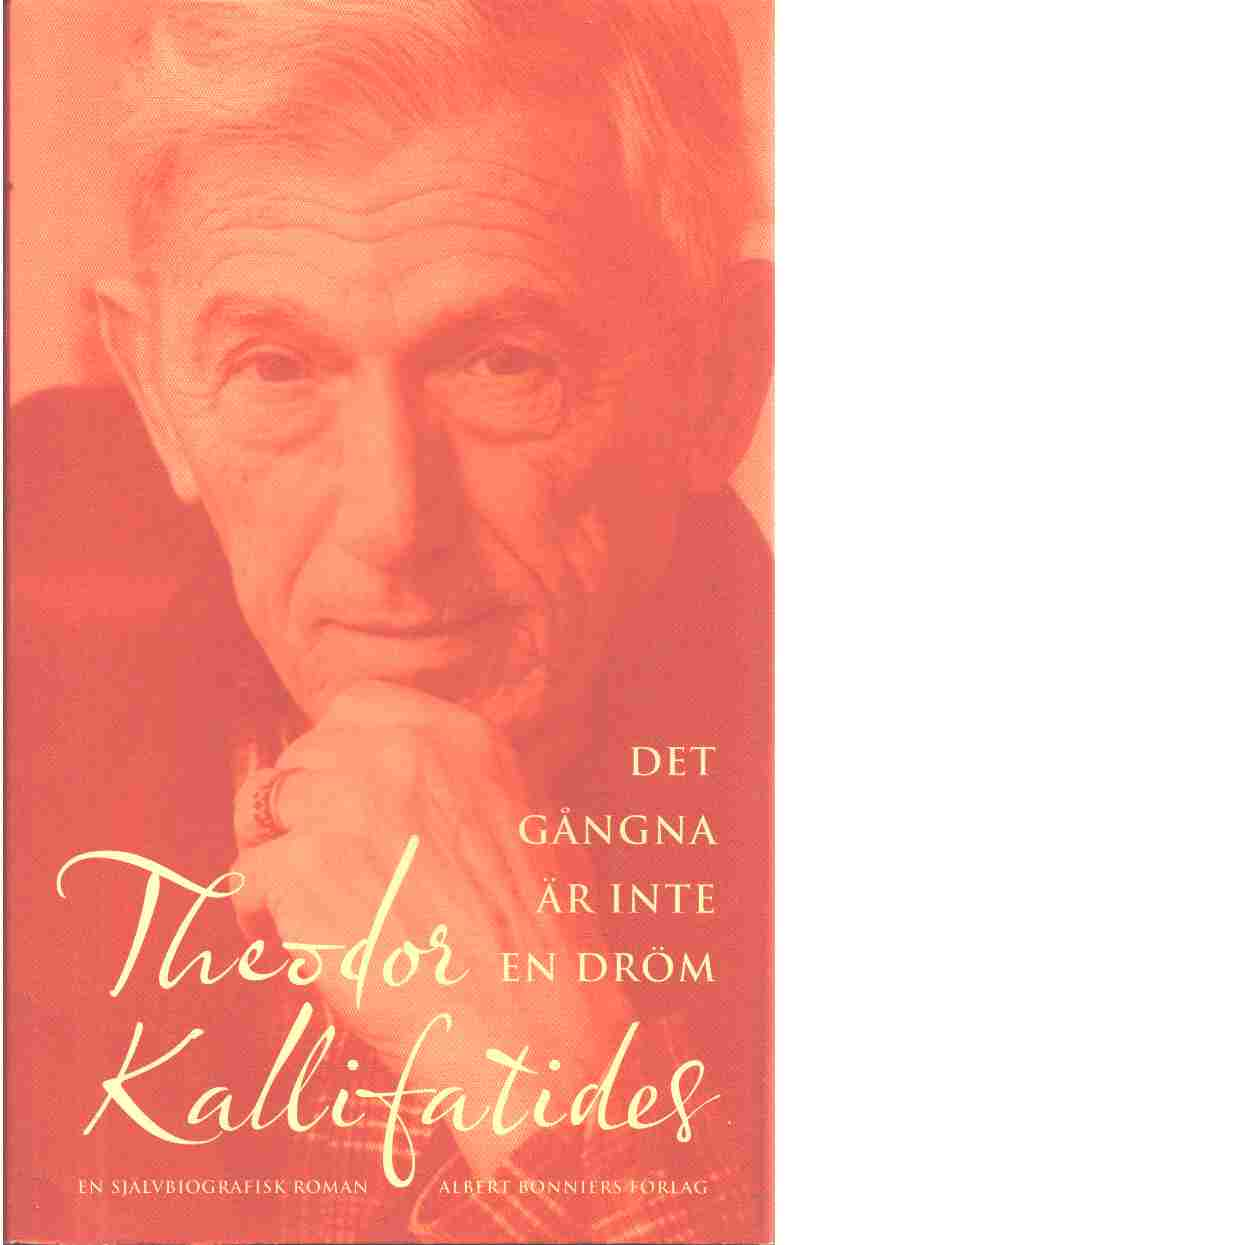 Det gångna är inte en dröm - Kallifatides, Theodor